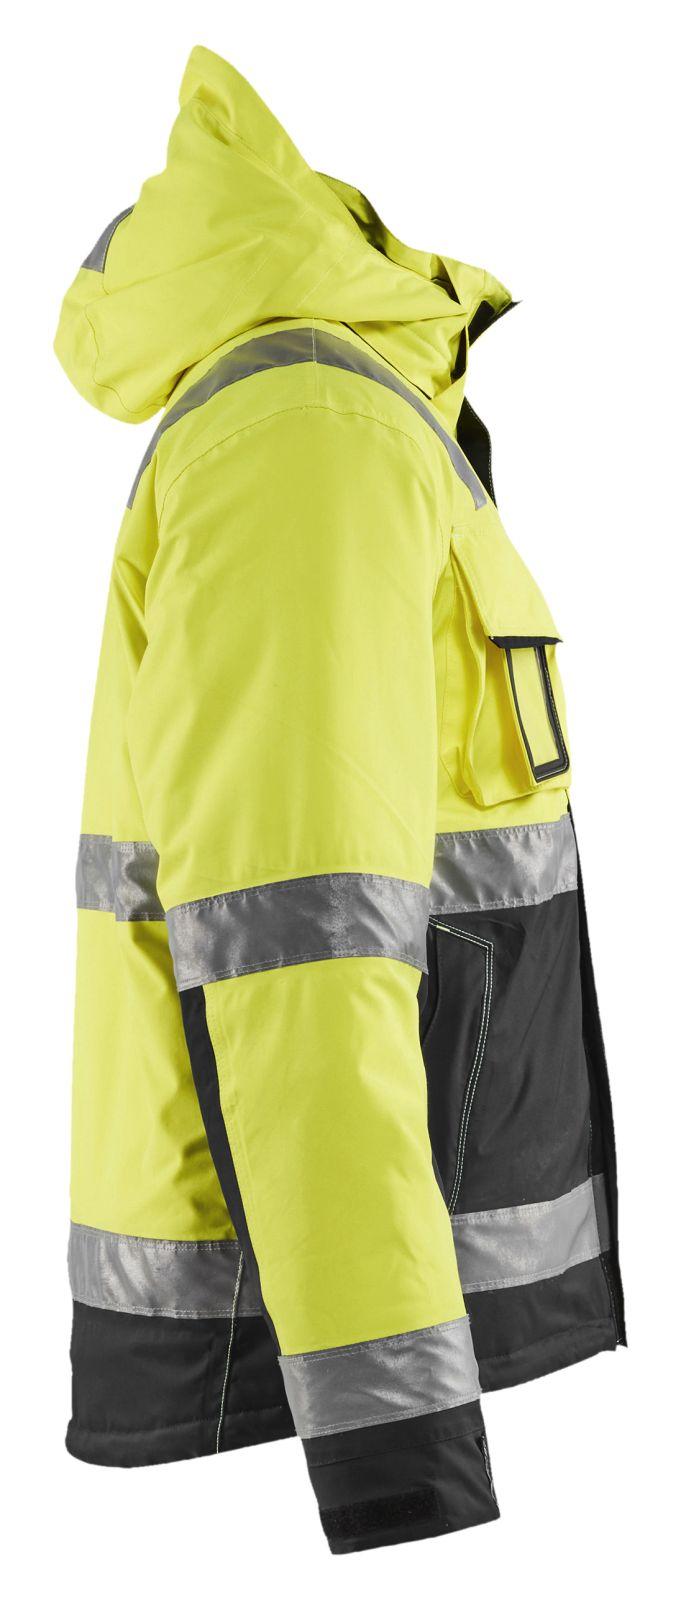 Blaklader Winterjassen 48701987 High Vis Stretch geel-zwart(3399)